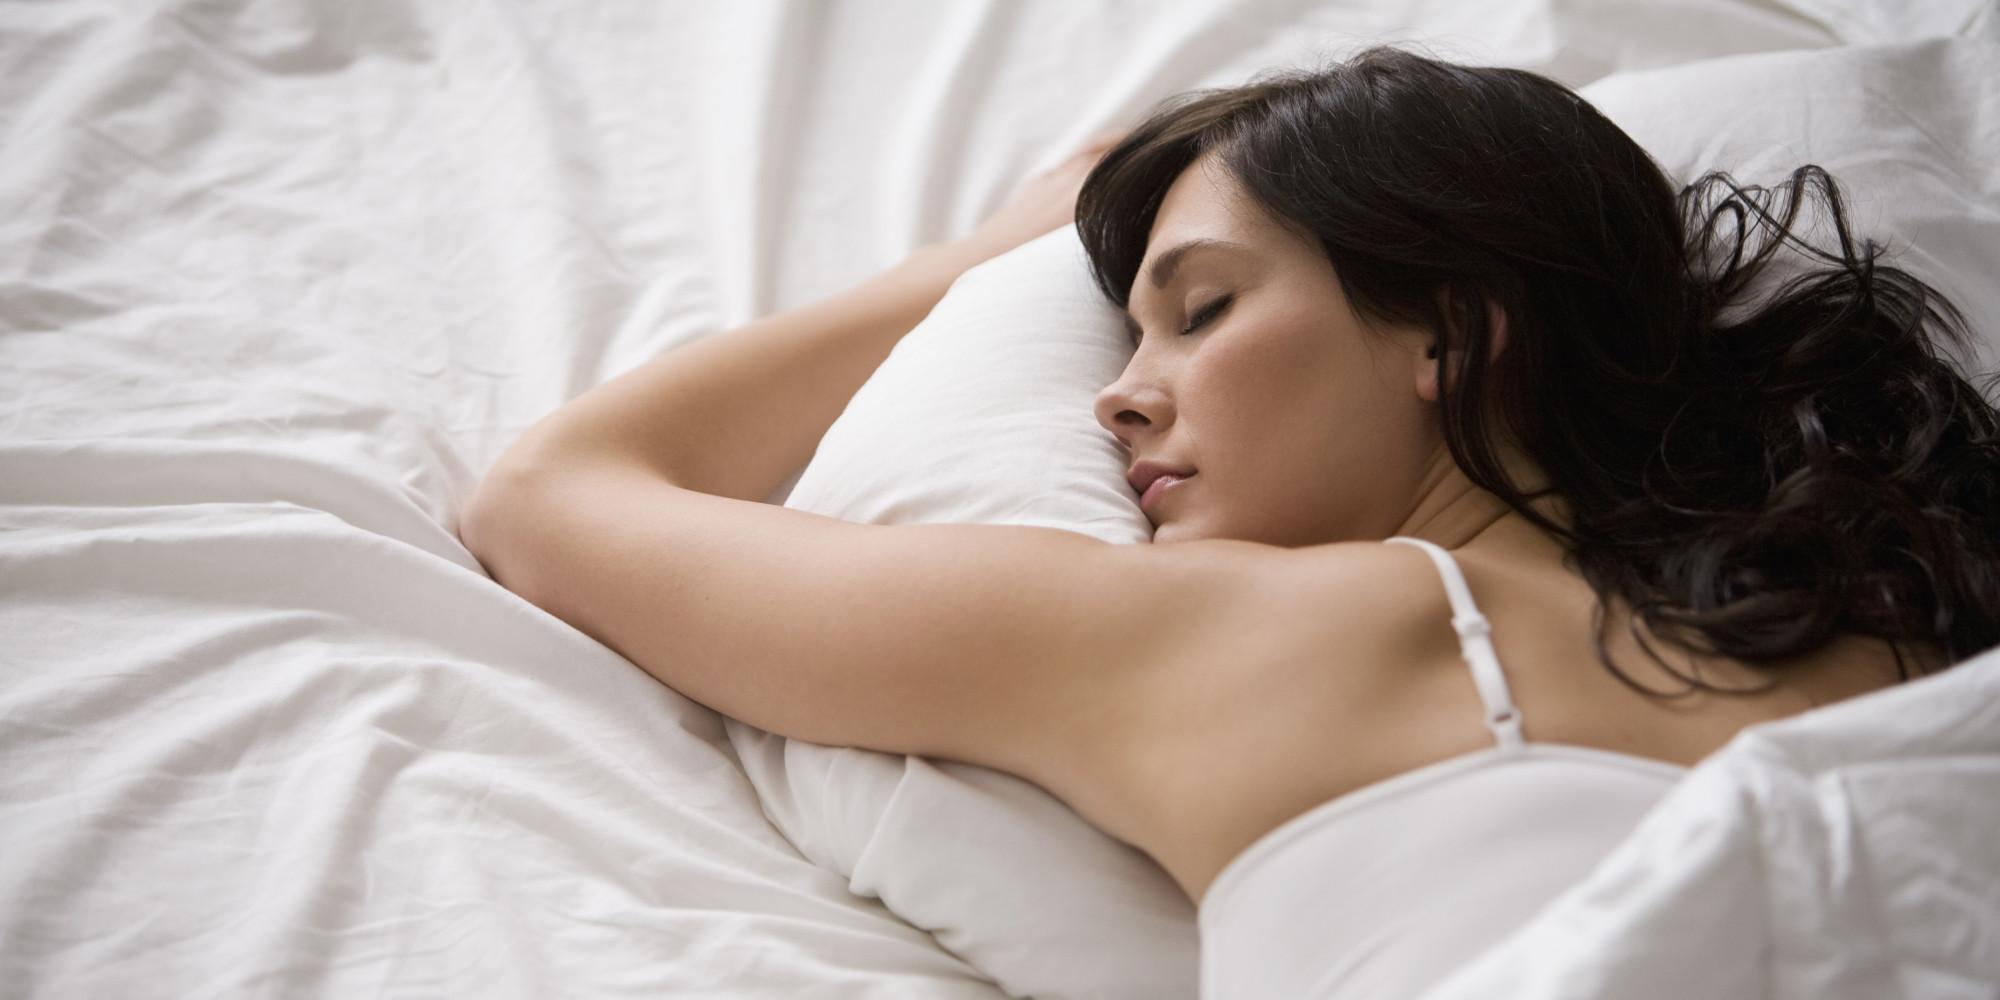 ¿Por qué nos dicen que hay que dormir ocho horas?